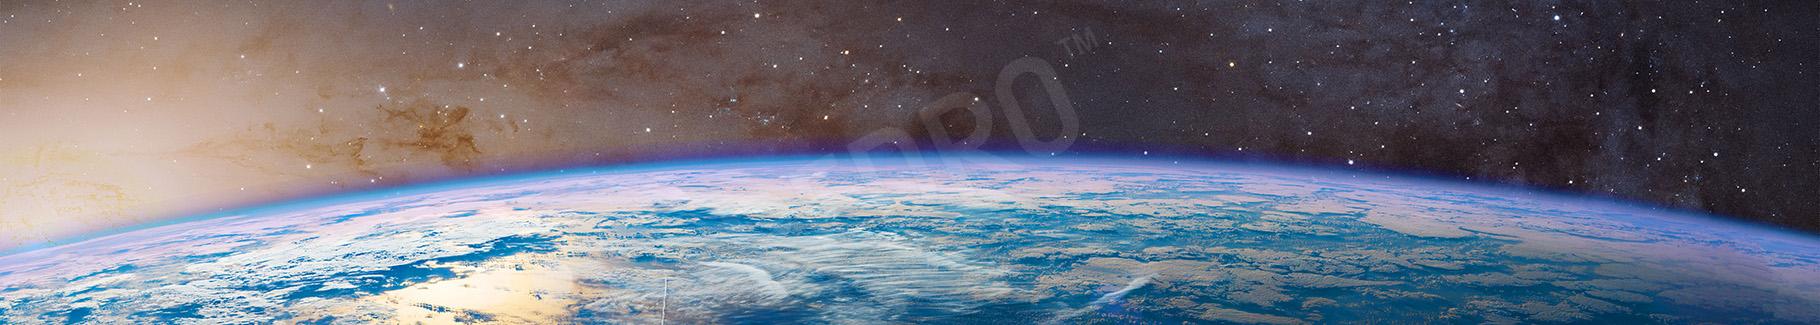 Fototapeta planeta Ziemia widziana z kosmosu